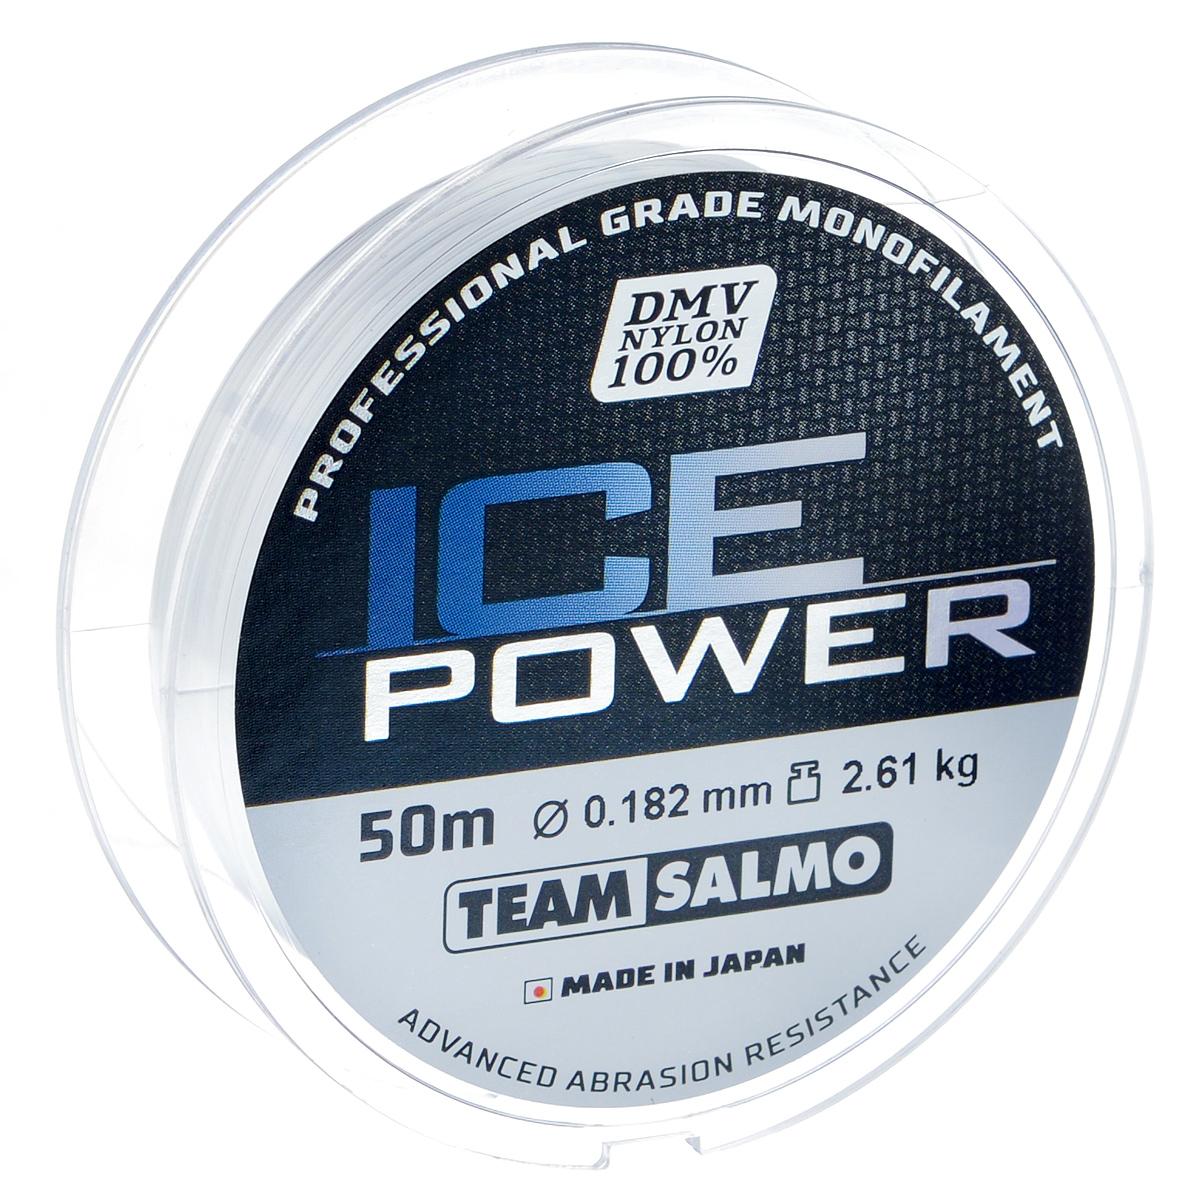 Леска монофильная Team Salmo Ice Power, сечение 0,182 мм, длина 50 м0036416Team Salmo Ice Power - это леска последнего поколения, идеально калиброванная по всей длине, с точностью, определяемой до третьего знака. Материал, из которого изготовлена леска, обладает повышенной абразивной устойчивостью и не взаимодействует с водой, поэтому на морозе не теряет своих физических свойств, что значительно увеличивает срок ее службы. У лески отсутствует память, поэтому в процессе эксплуатации она не деформируется. Низкий коэффициент растяжимости делает леску максимально чувствительной, при этом она практически незаметна для рыбы. Леска производится использованием самого высококачественного сырья и новейших технологий.